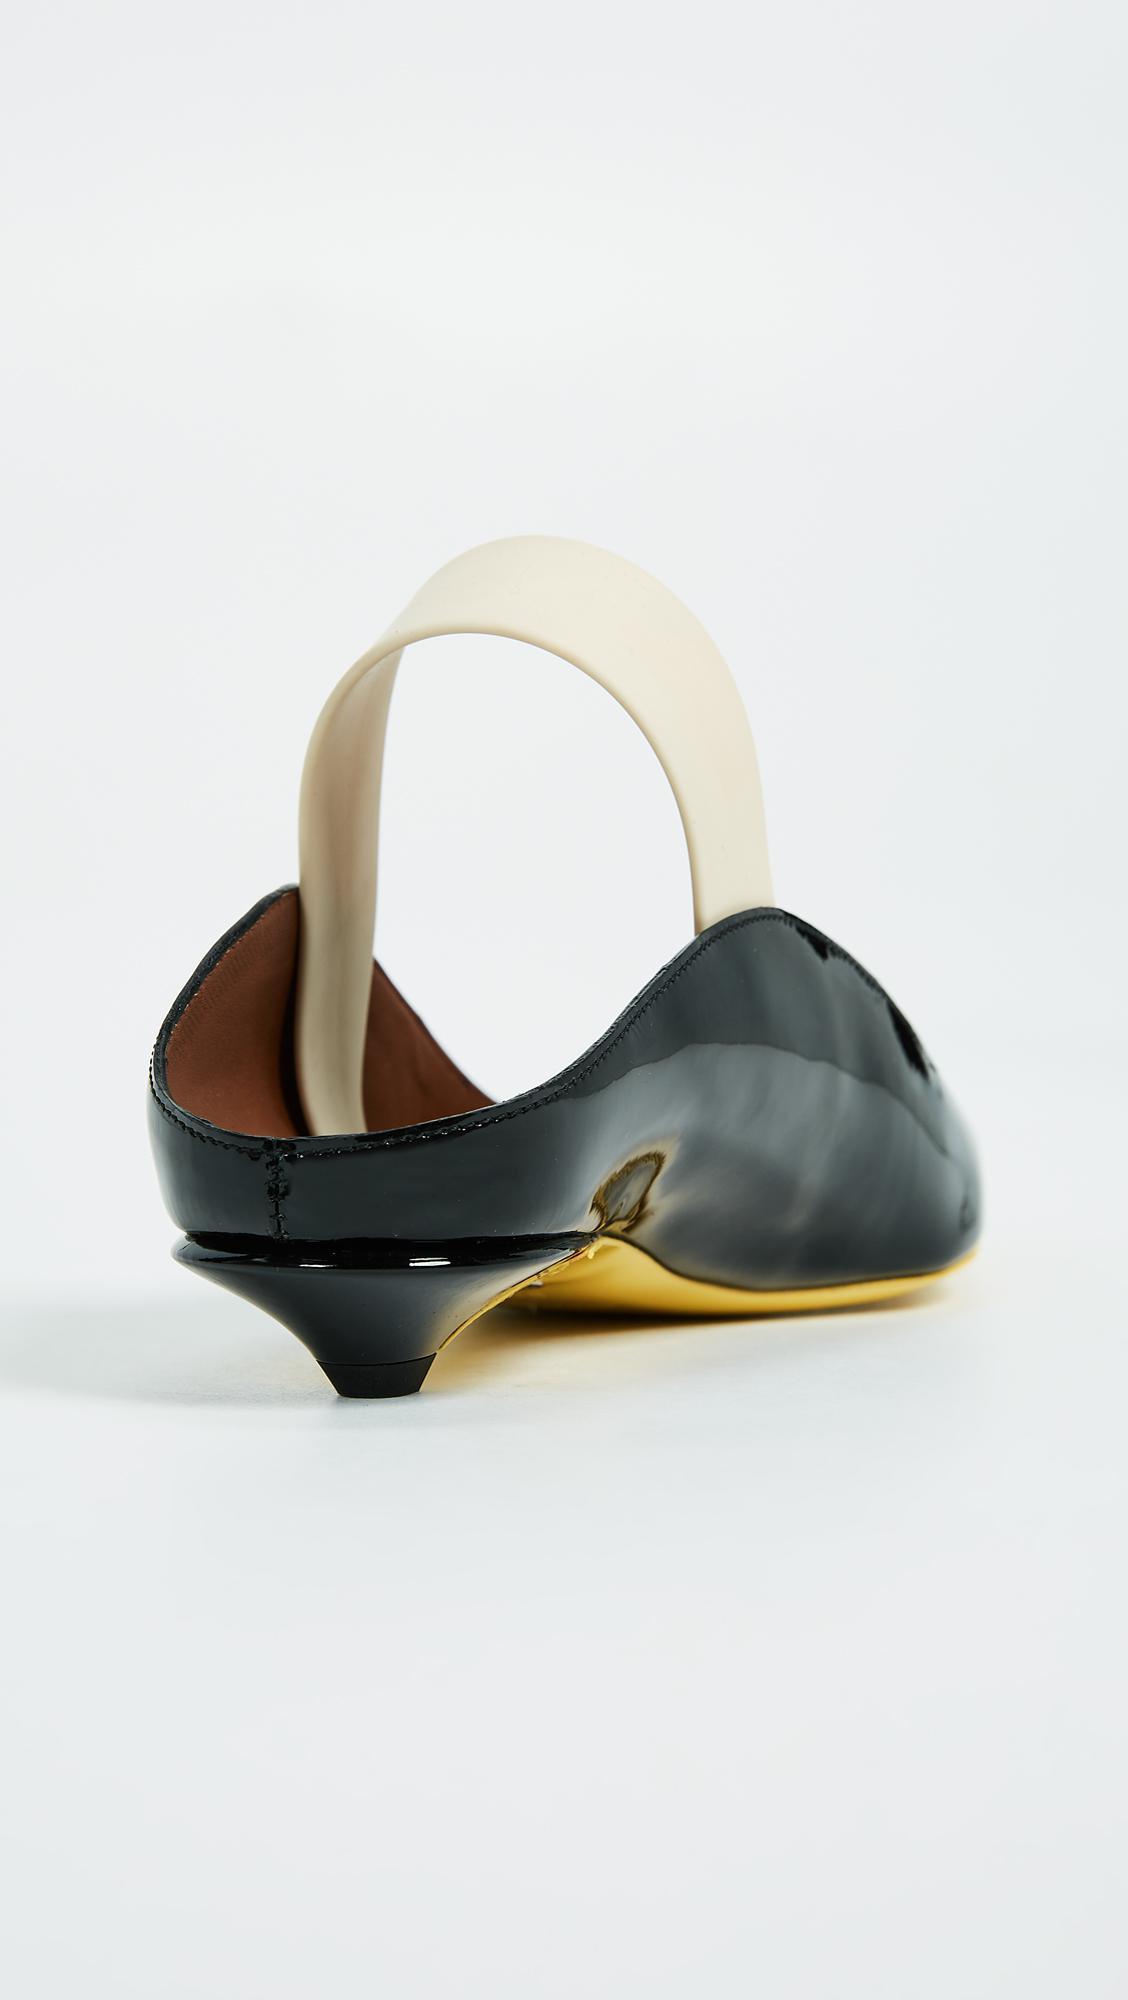 928dd5bbb18 Lyst - Proenza Schouler Rubber Strap Patent Kitten Heel Flats in Black